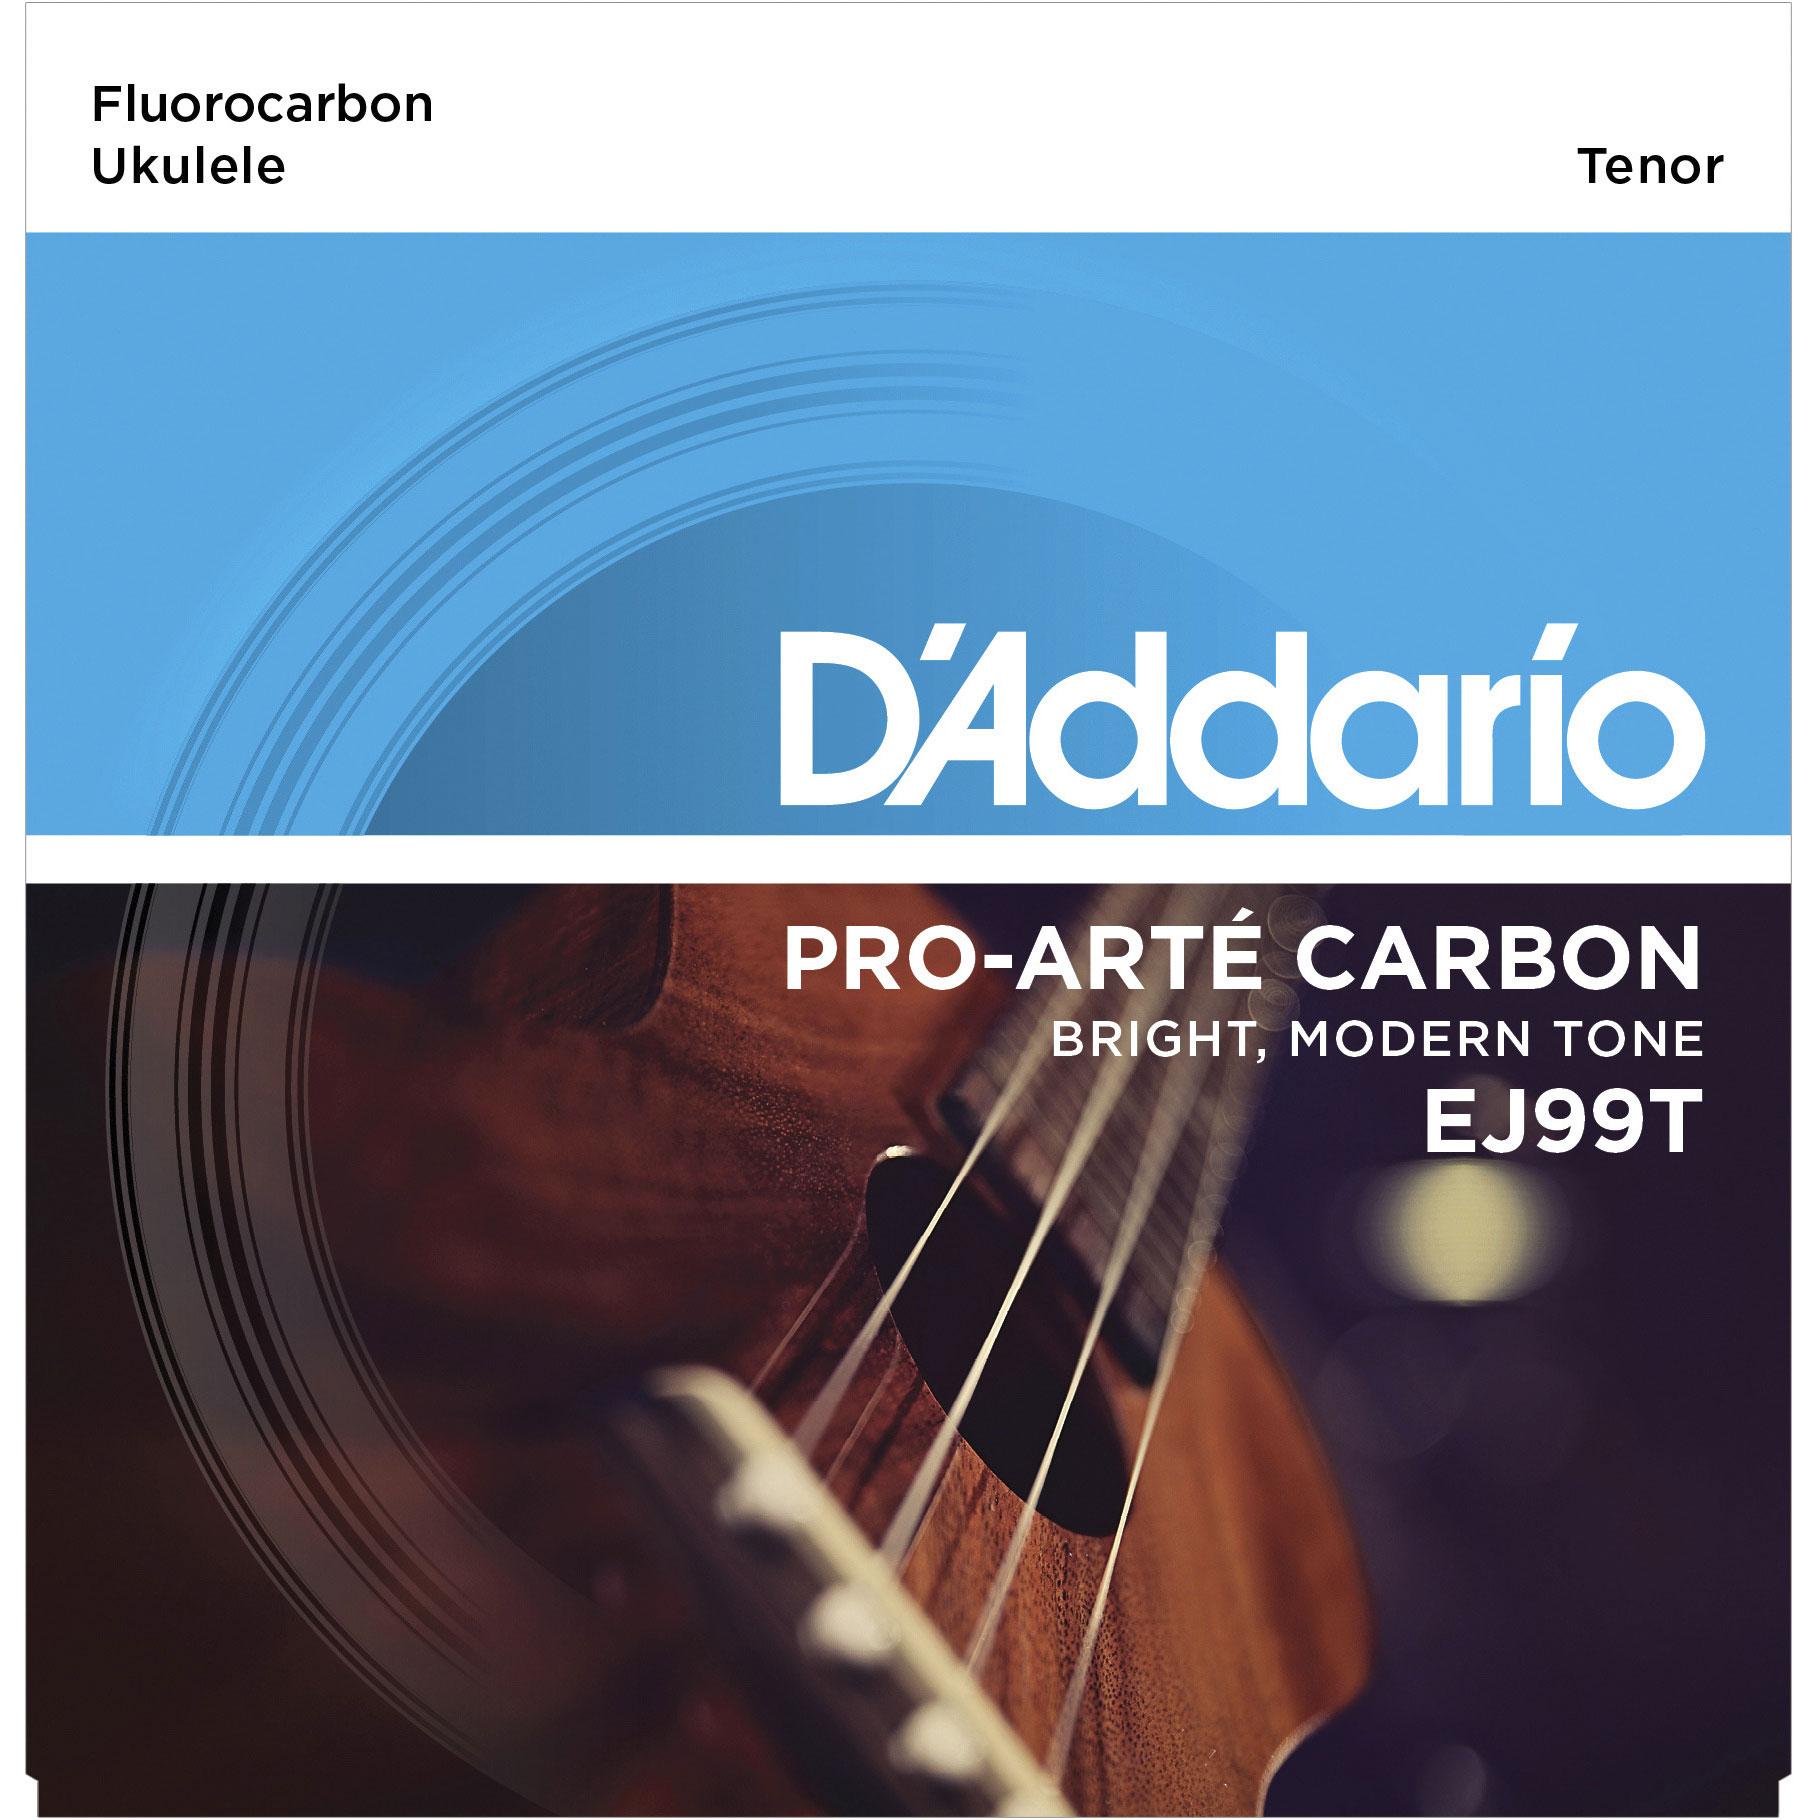 DADDARIO EJ99T PRO-ARTÉ CARBON UKULELE STRINGS, TENOR